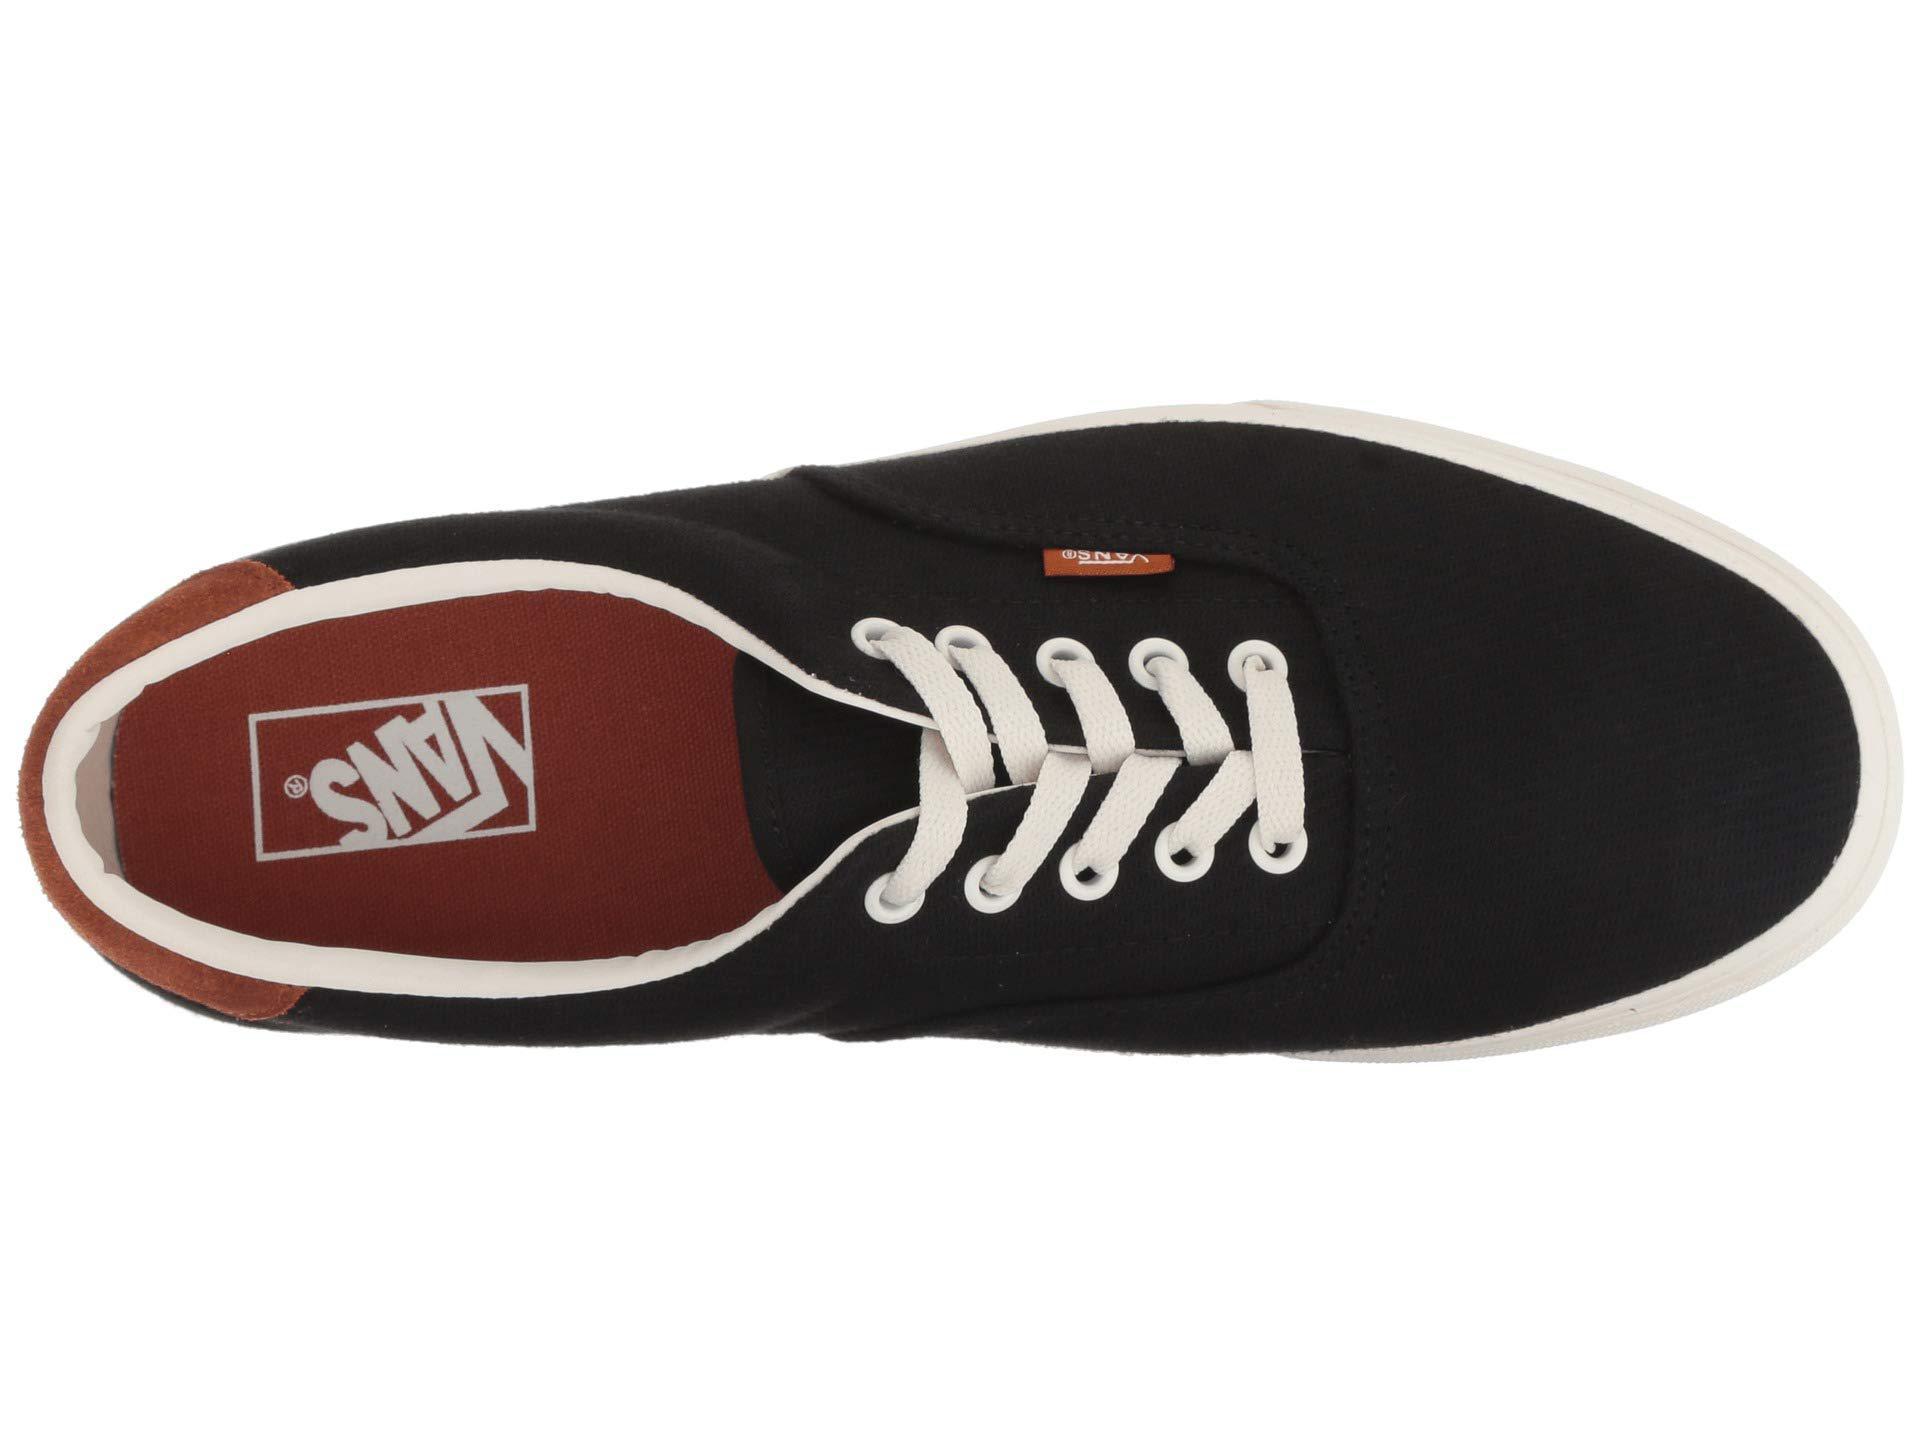 d19723ccb0 Vans - Black Era 59 ((c l) Cornstalk acid Denim) Skate Shoes. View  fullscreen